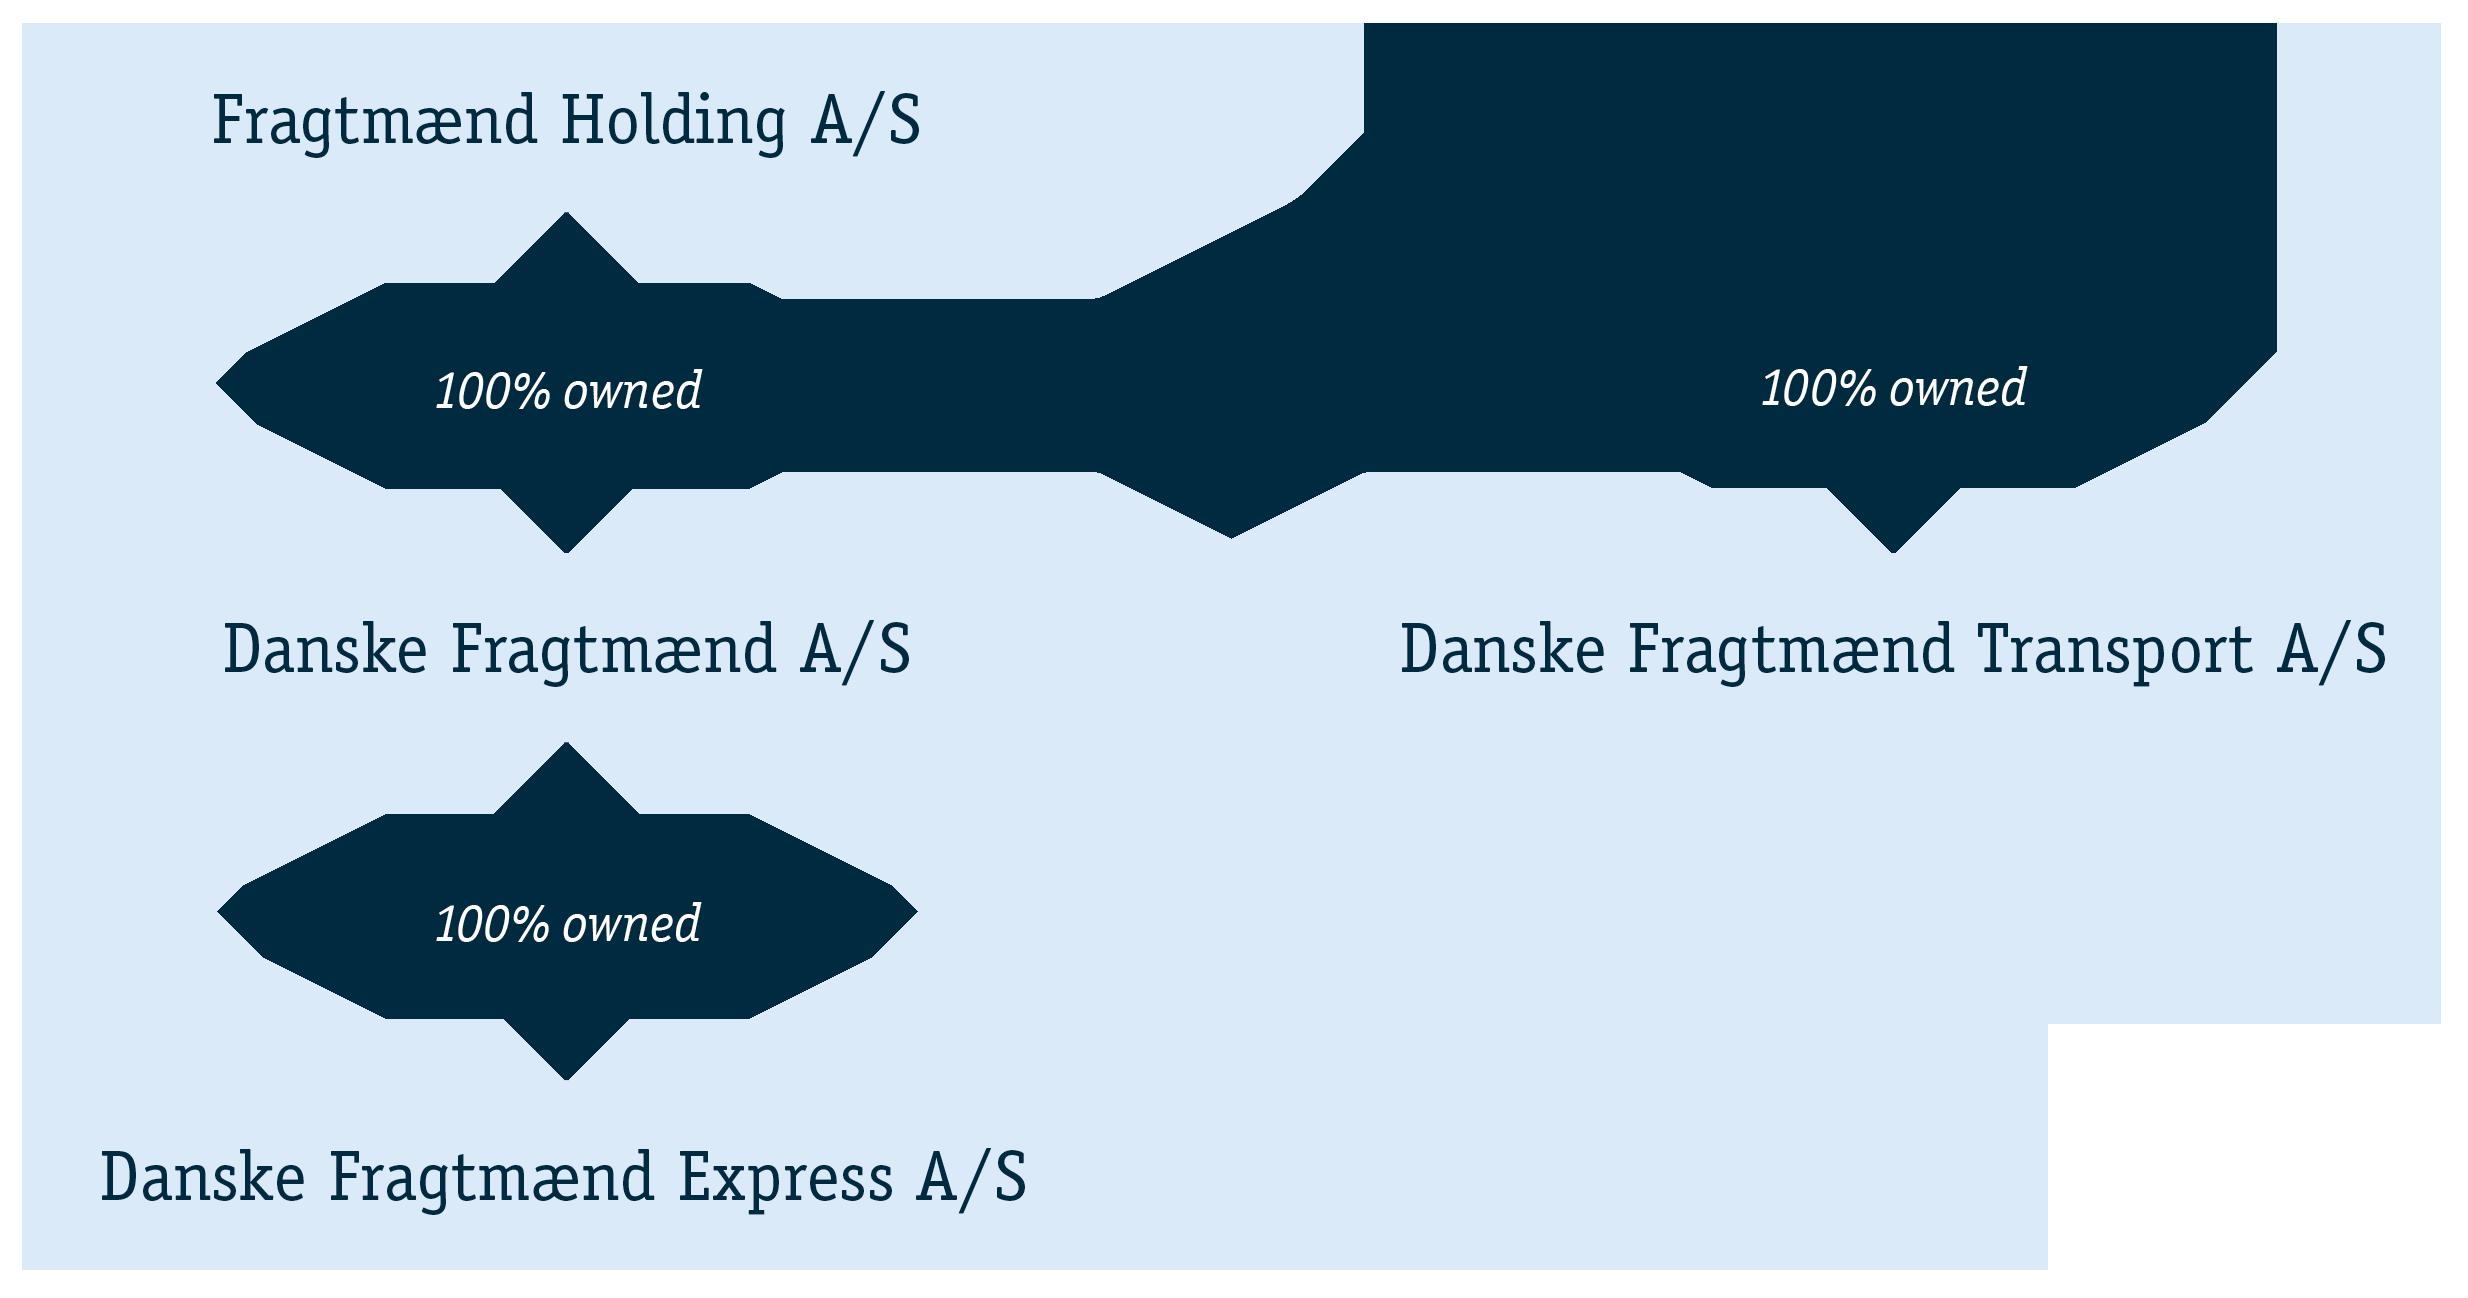 Danske Fragtmaend S Organisational Structure